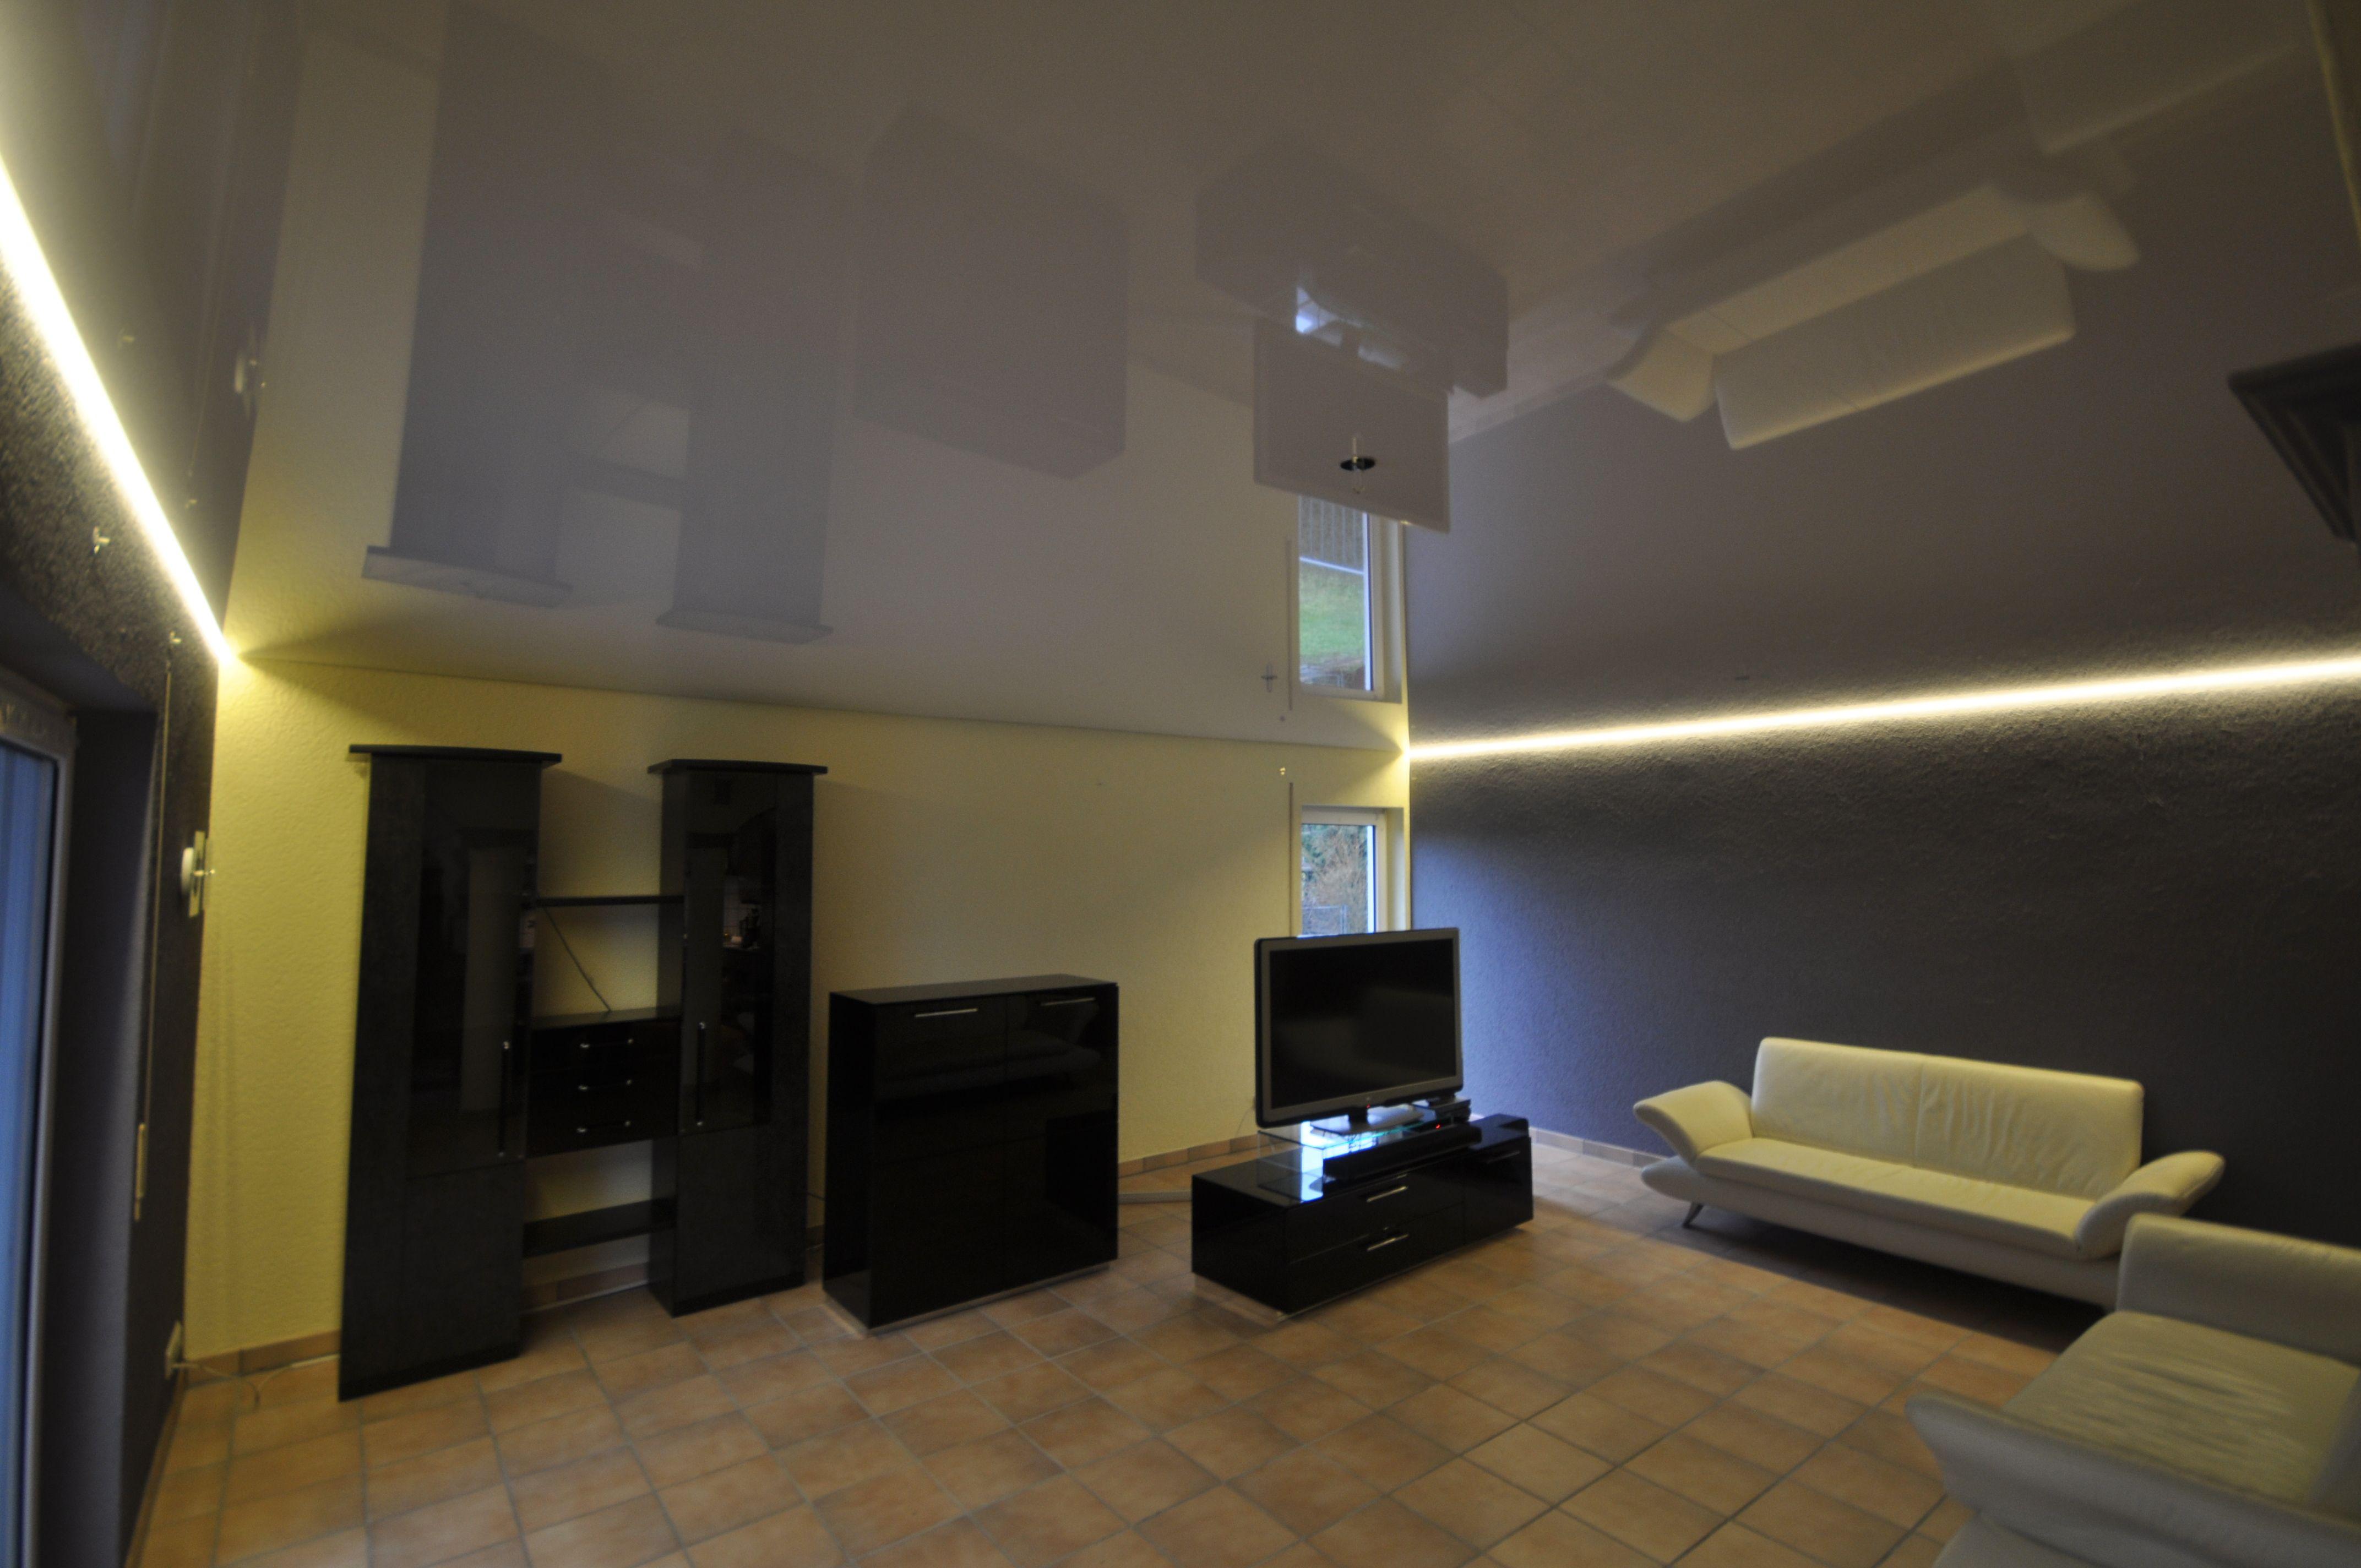 Wohnzimmer Mit Hochglanz Spanndecke Und Led Beleuchtung In Der Schattenfuge Wohnzimmer Spanndecke De Beleuchtung Wohnzimmer Wohnzimmer Design Wohnzimmer Ideen